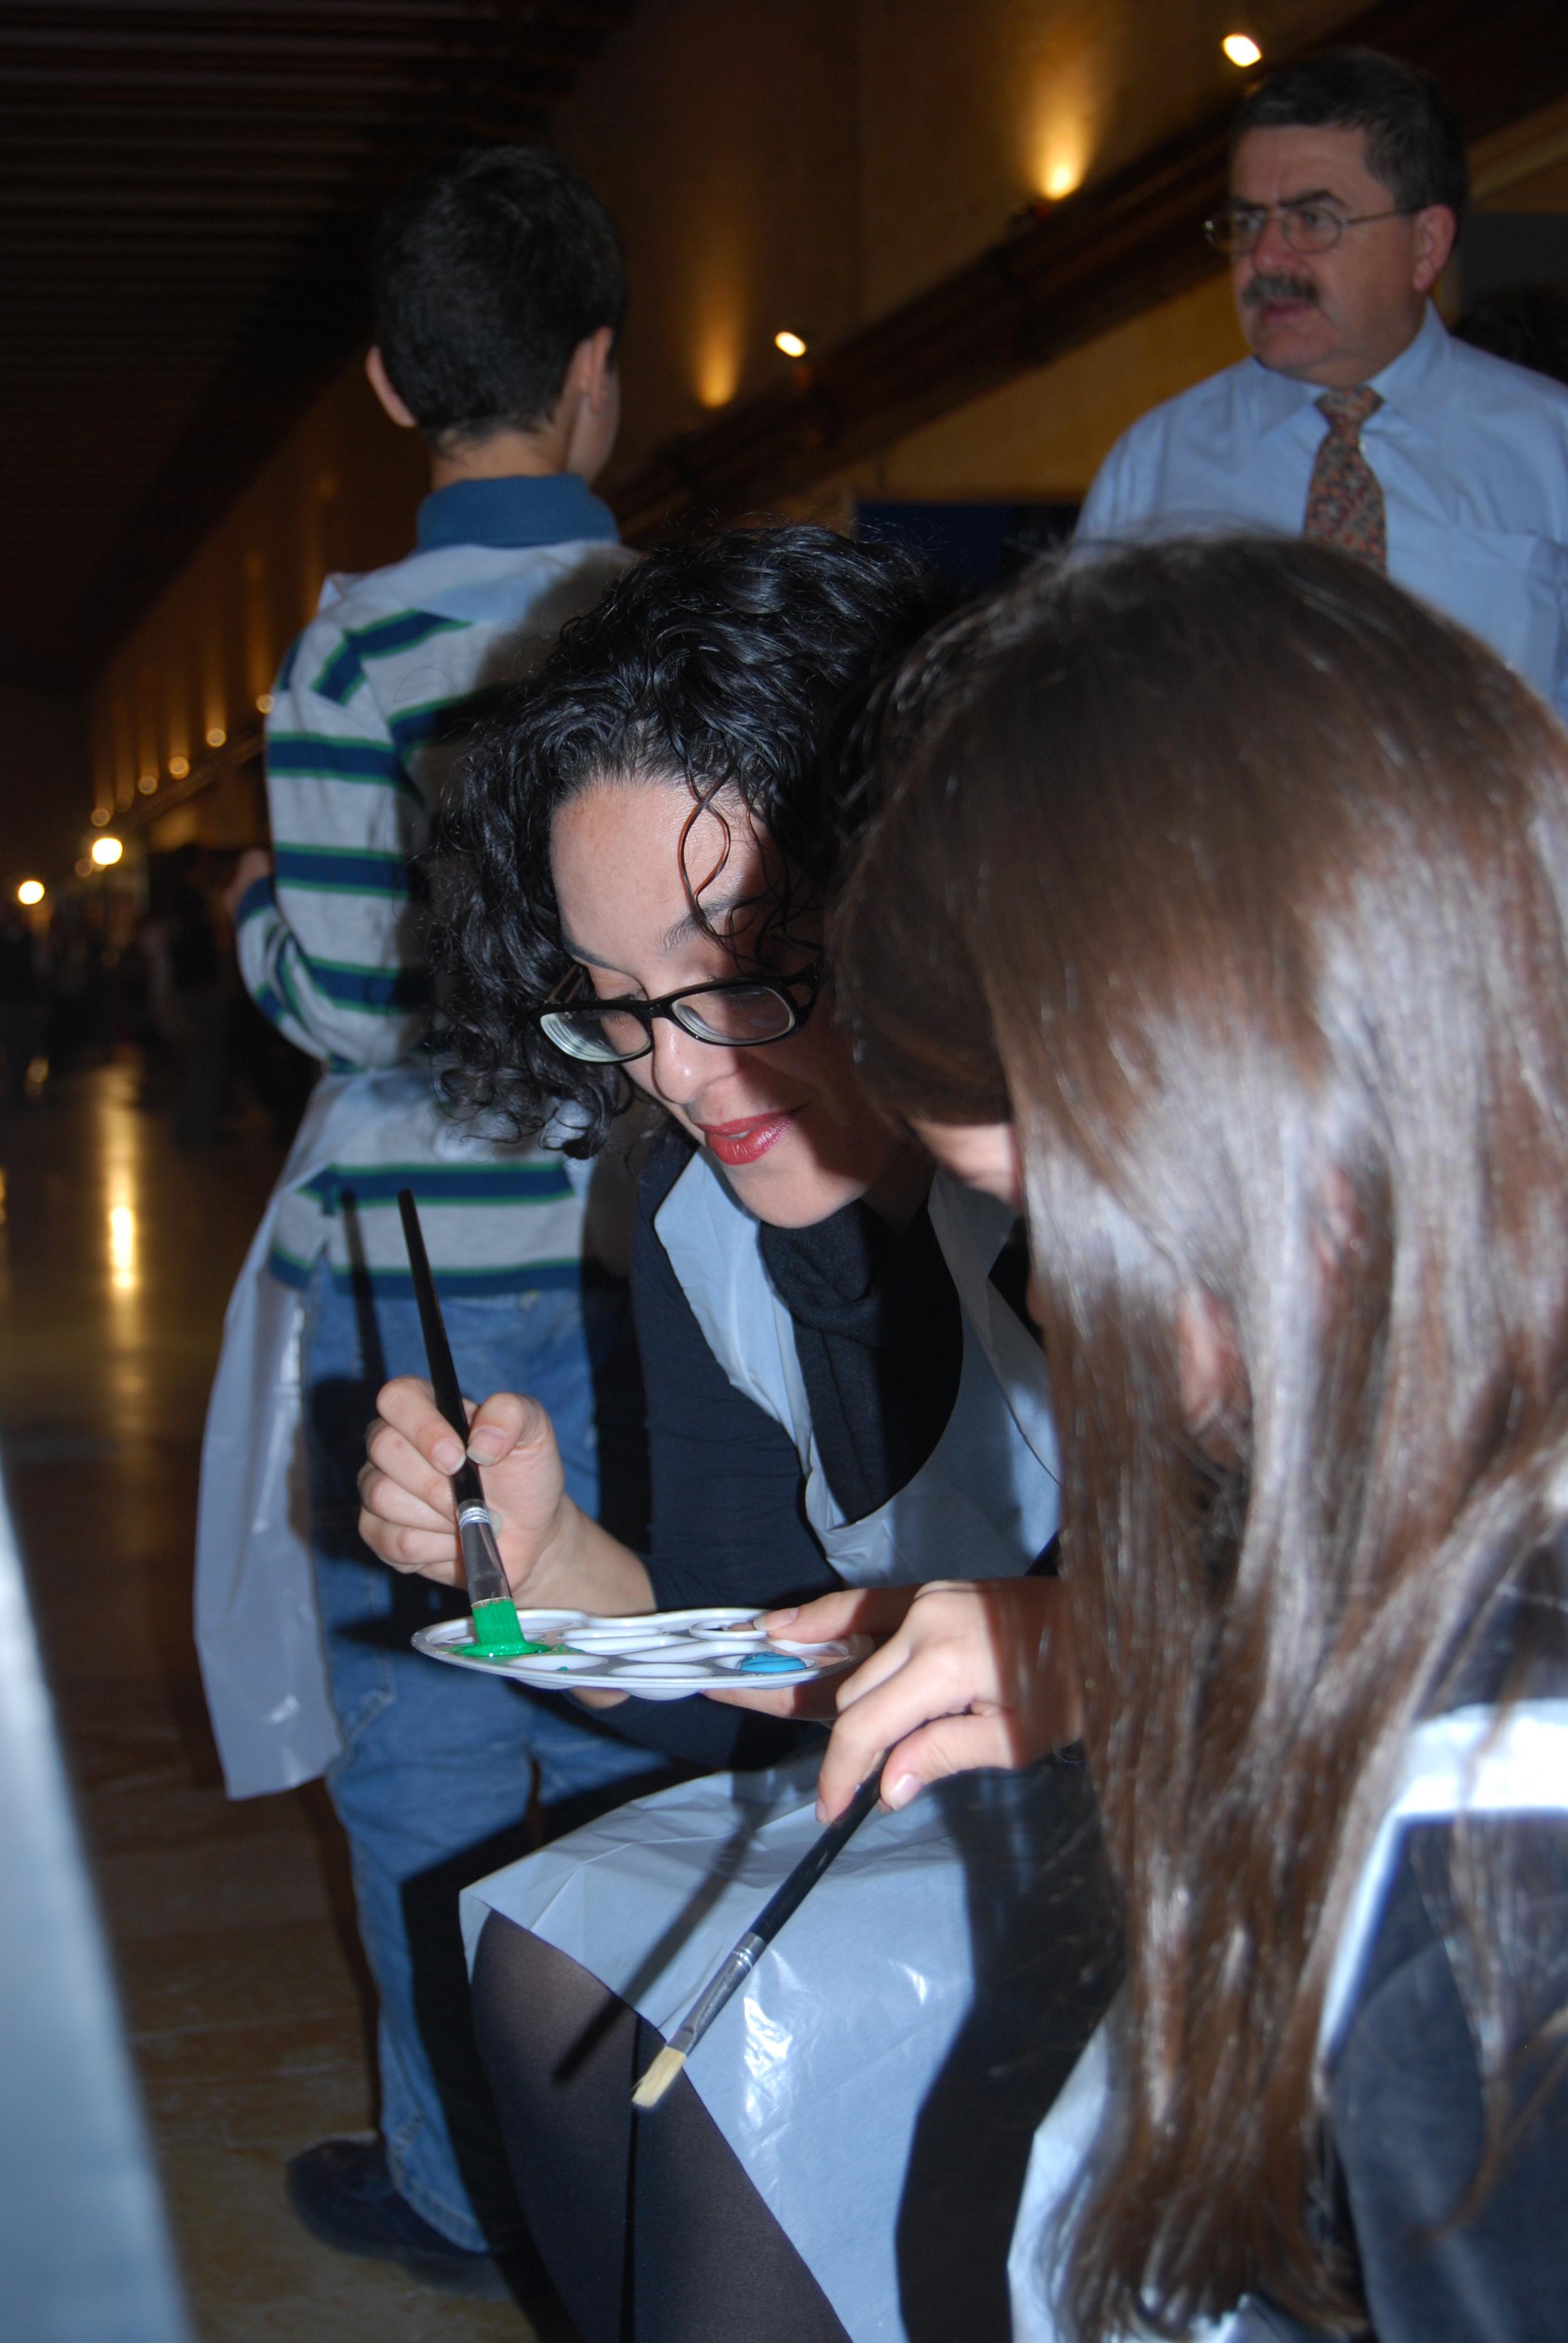 Bookfair 2009